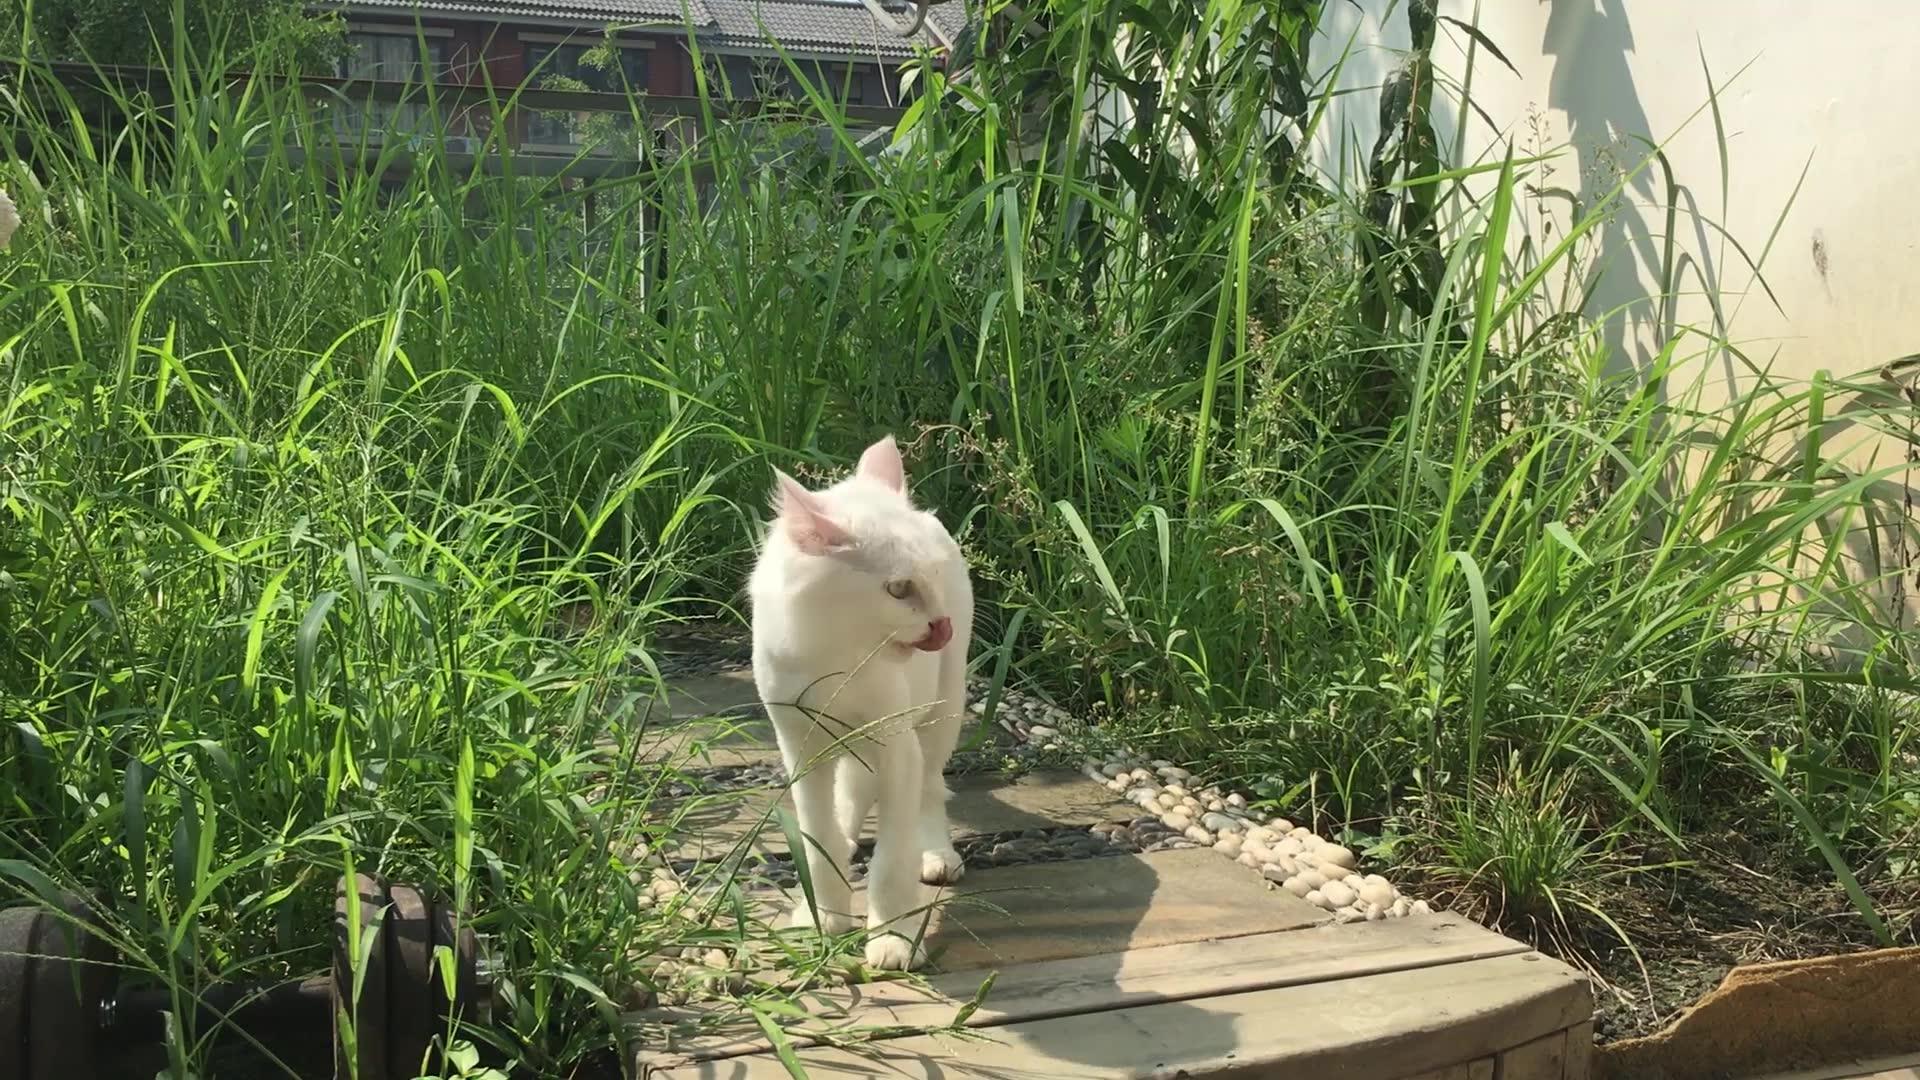 「总会有猫的!」谁来收了这只吃草的大白猫,恨死了这只小黑猫